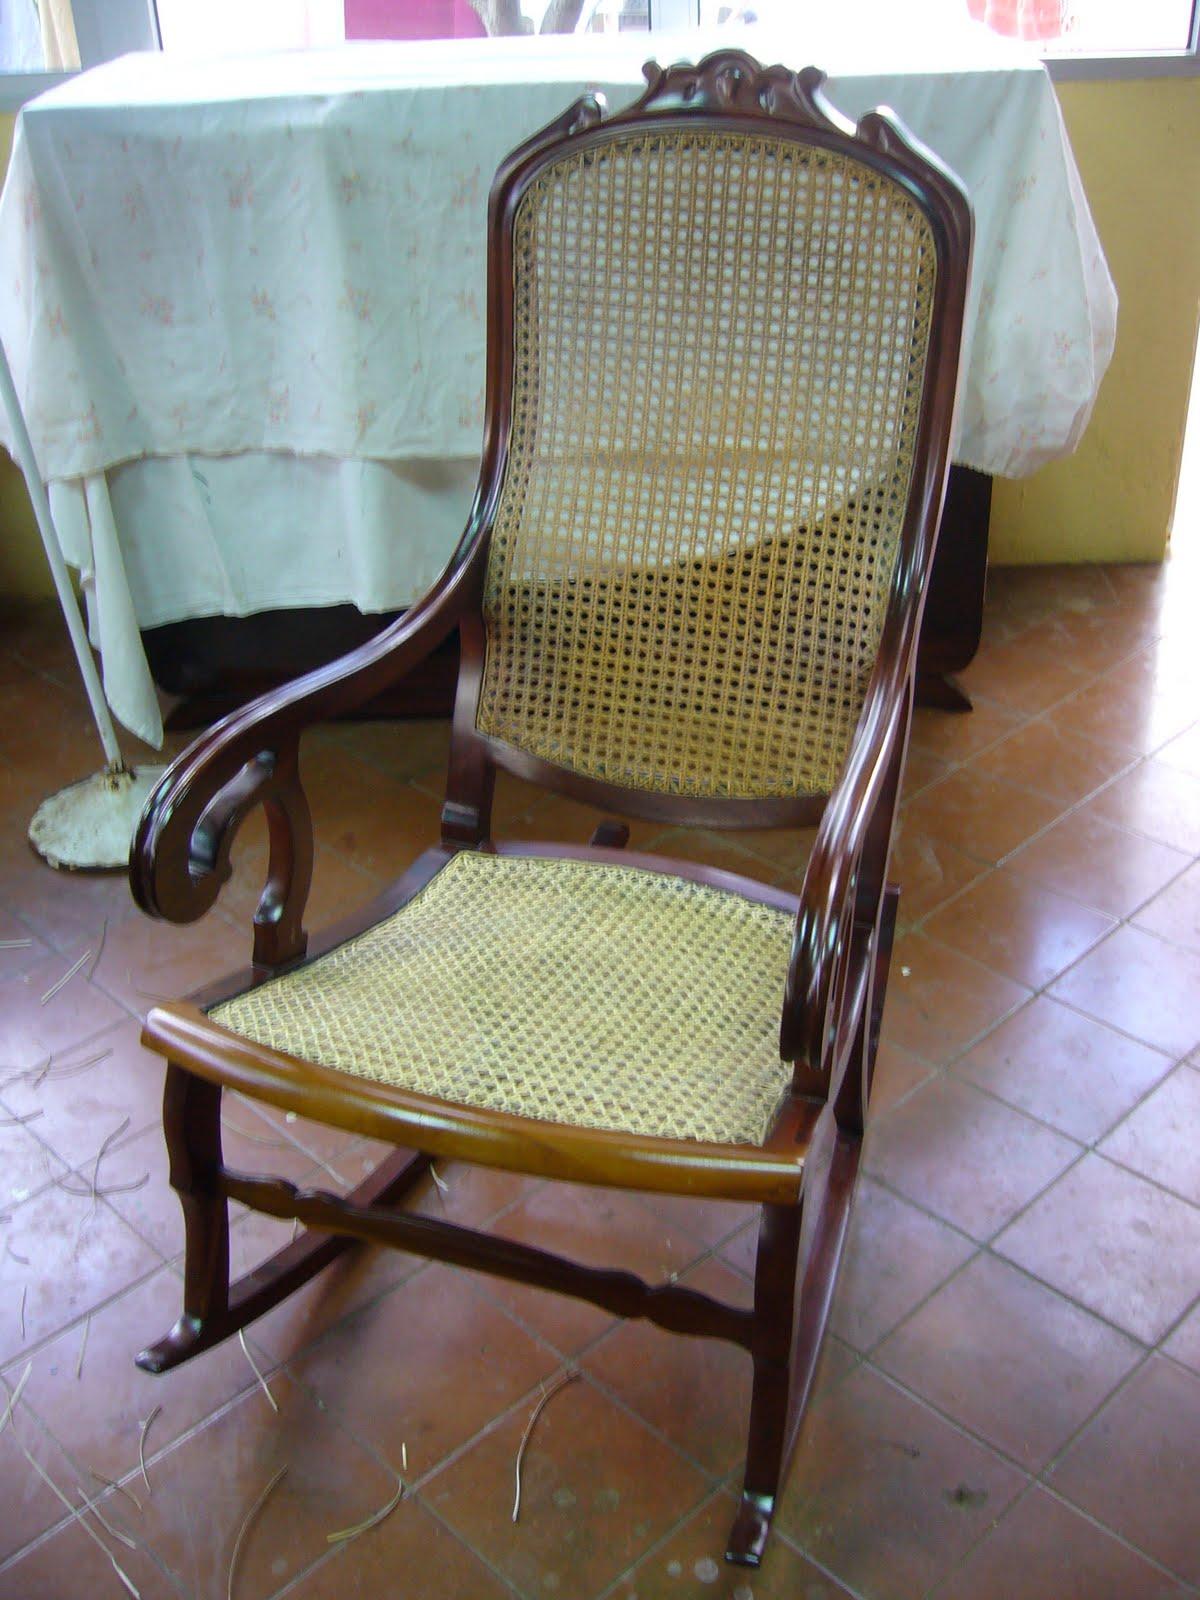 Muebles Rejilla - Restauraci N Del Asiento De Rejilla De Una Mecedora Cubana La [mjhdah]https://i.pinimg.com/originals/97/88/99/978899ff4a2d5d8ea6dc5ccde6be9514.jpg